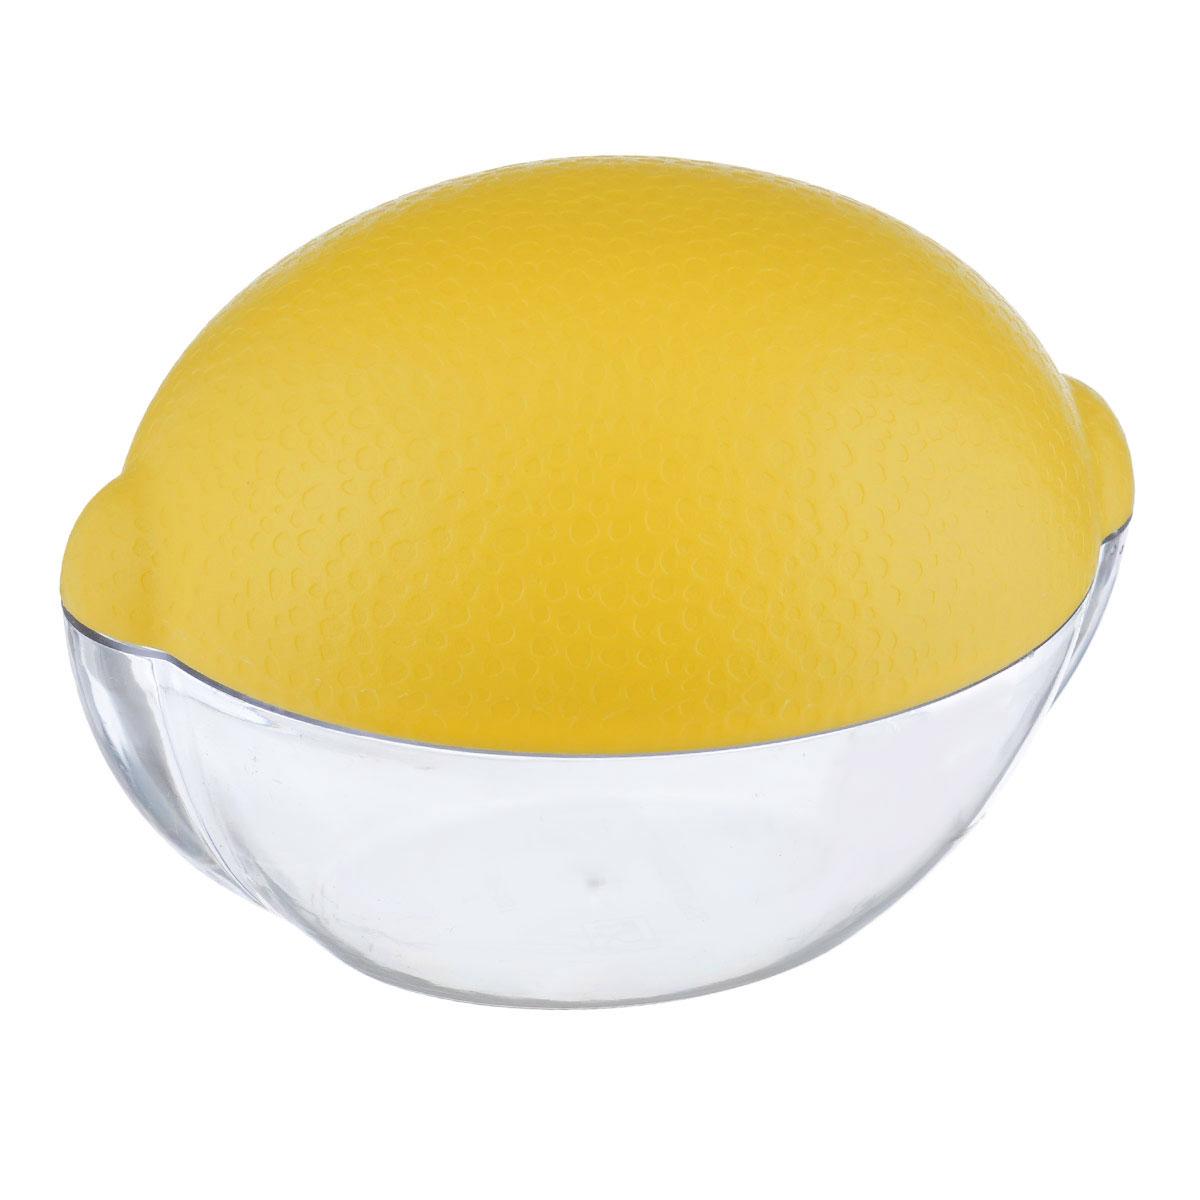 """Емкость для лимона """"Альтернатива"""" изготовлен из высококачественного прочного пластика в виде лимона. Такой контейнер - это уникальное полезное приобретение для тех, кто привык к порядку в холодильнике. Такой чехол сохранит вкусовые качества лимона и предохранит его от заветривания."""